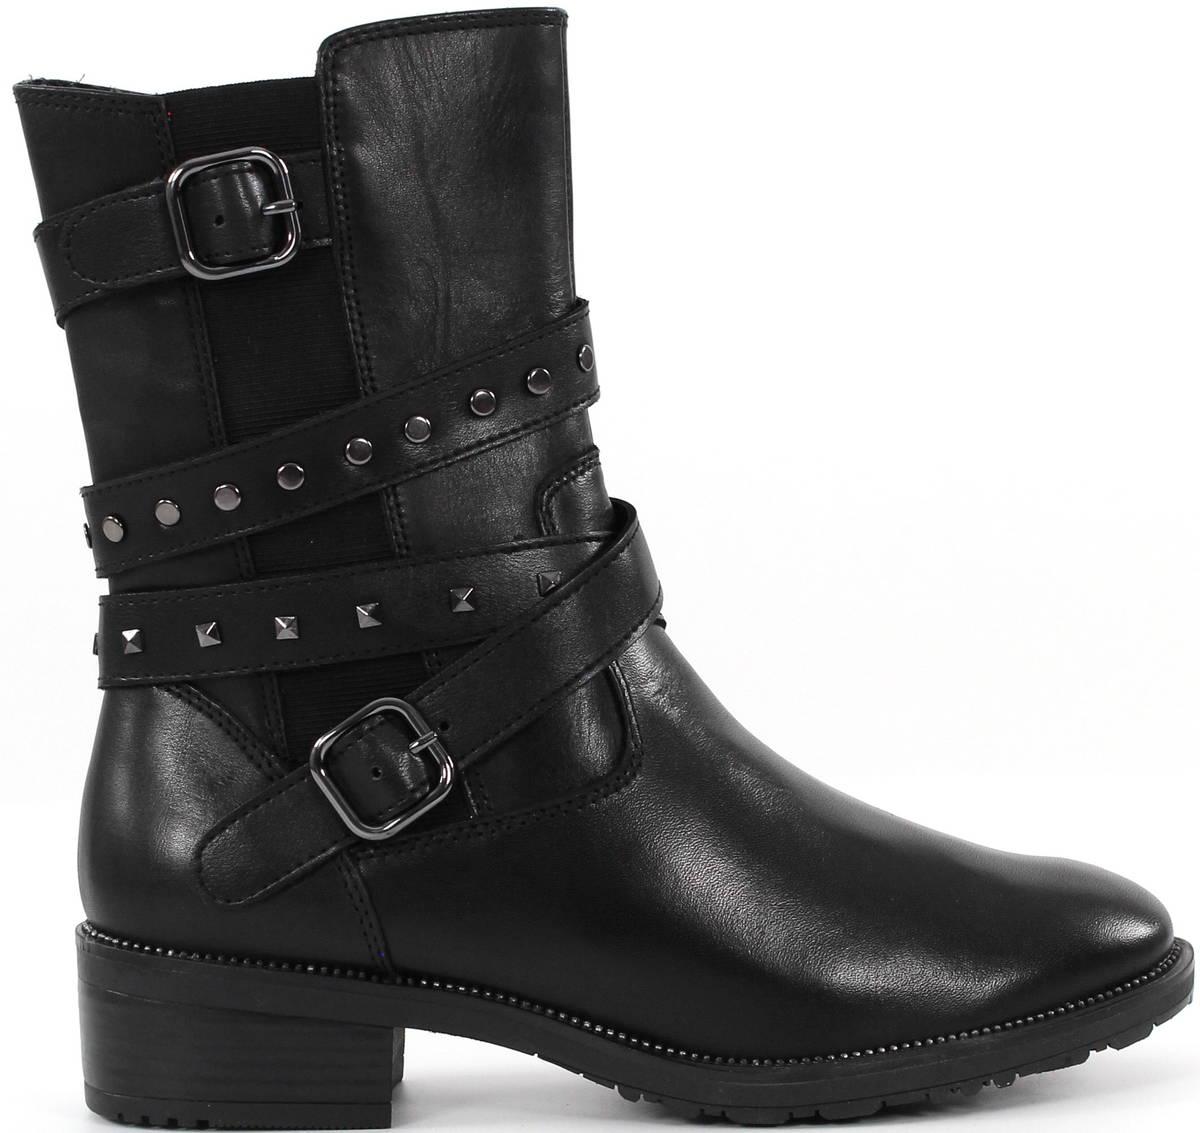 tamaris ankle boots 25031 29 black webstore. Black Bedroom Furniture Sets. Home Design Ideas